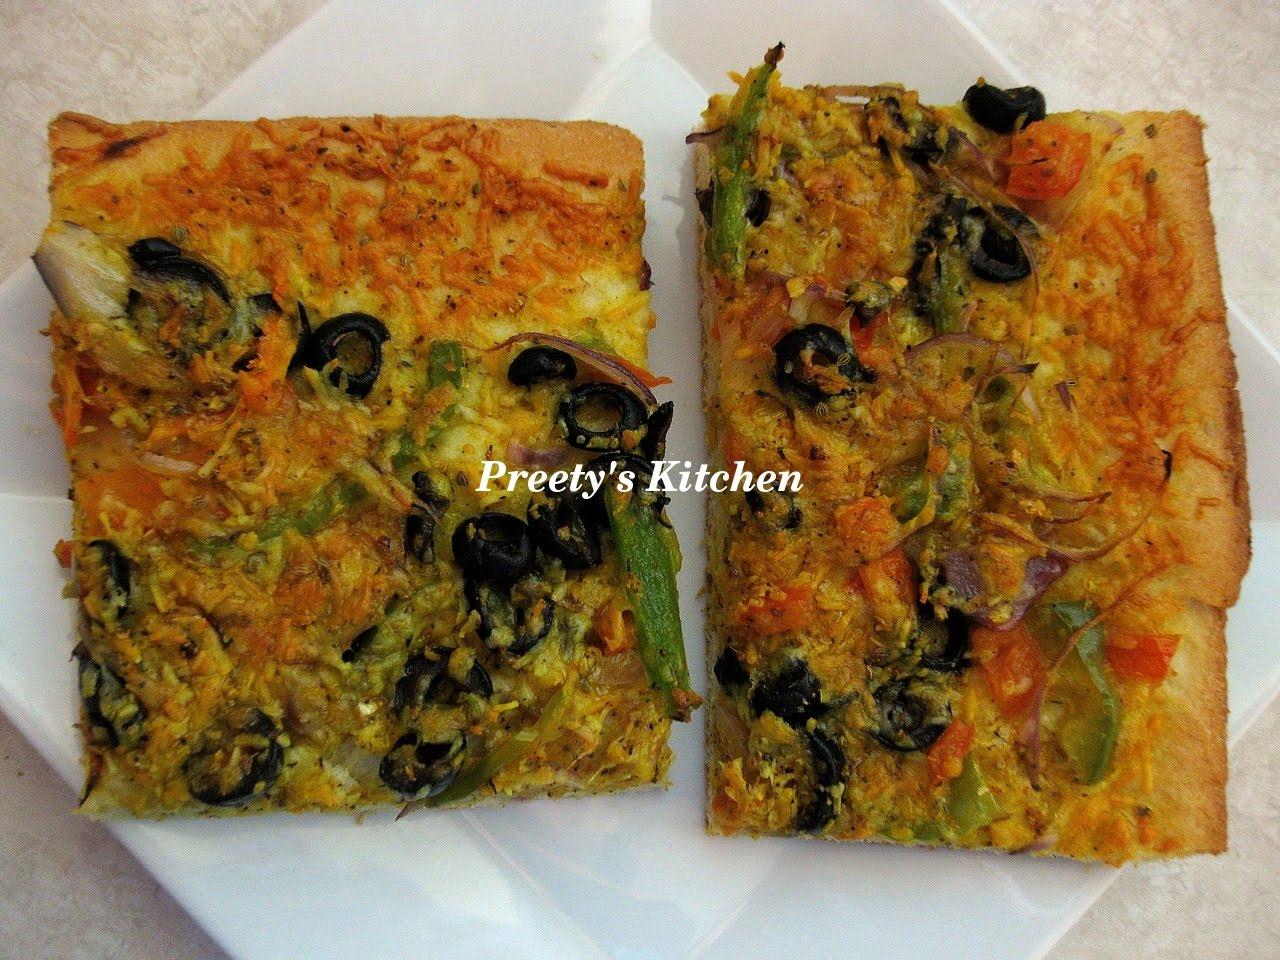 Preety's Kitchen: Semolina Pizza Dough Recipe